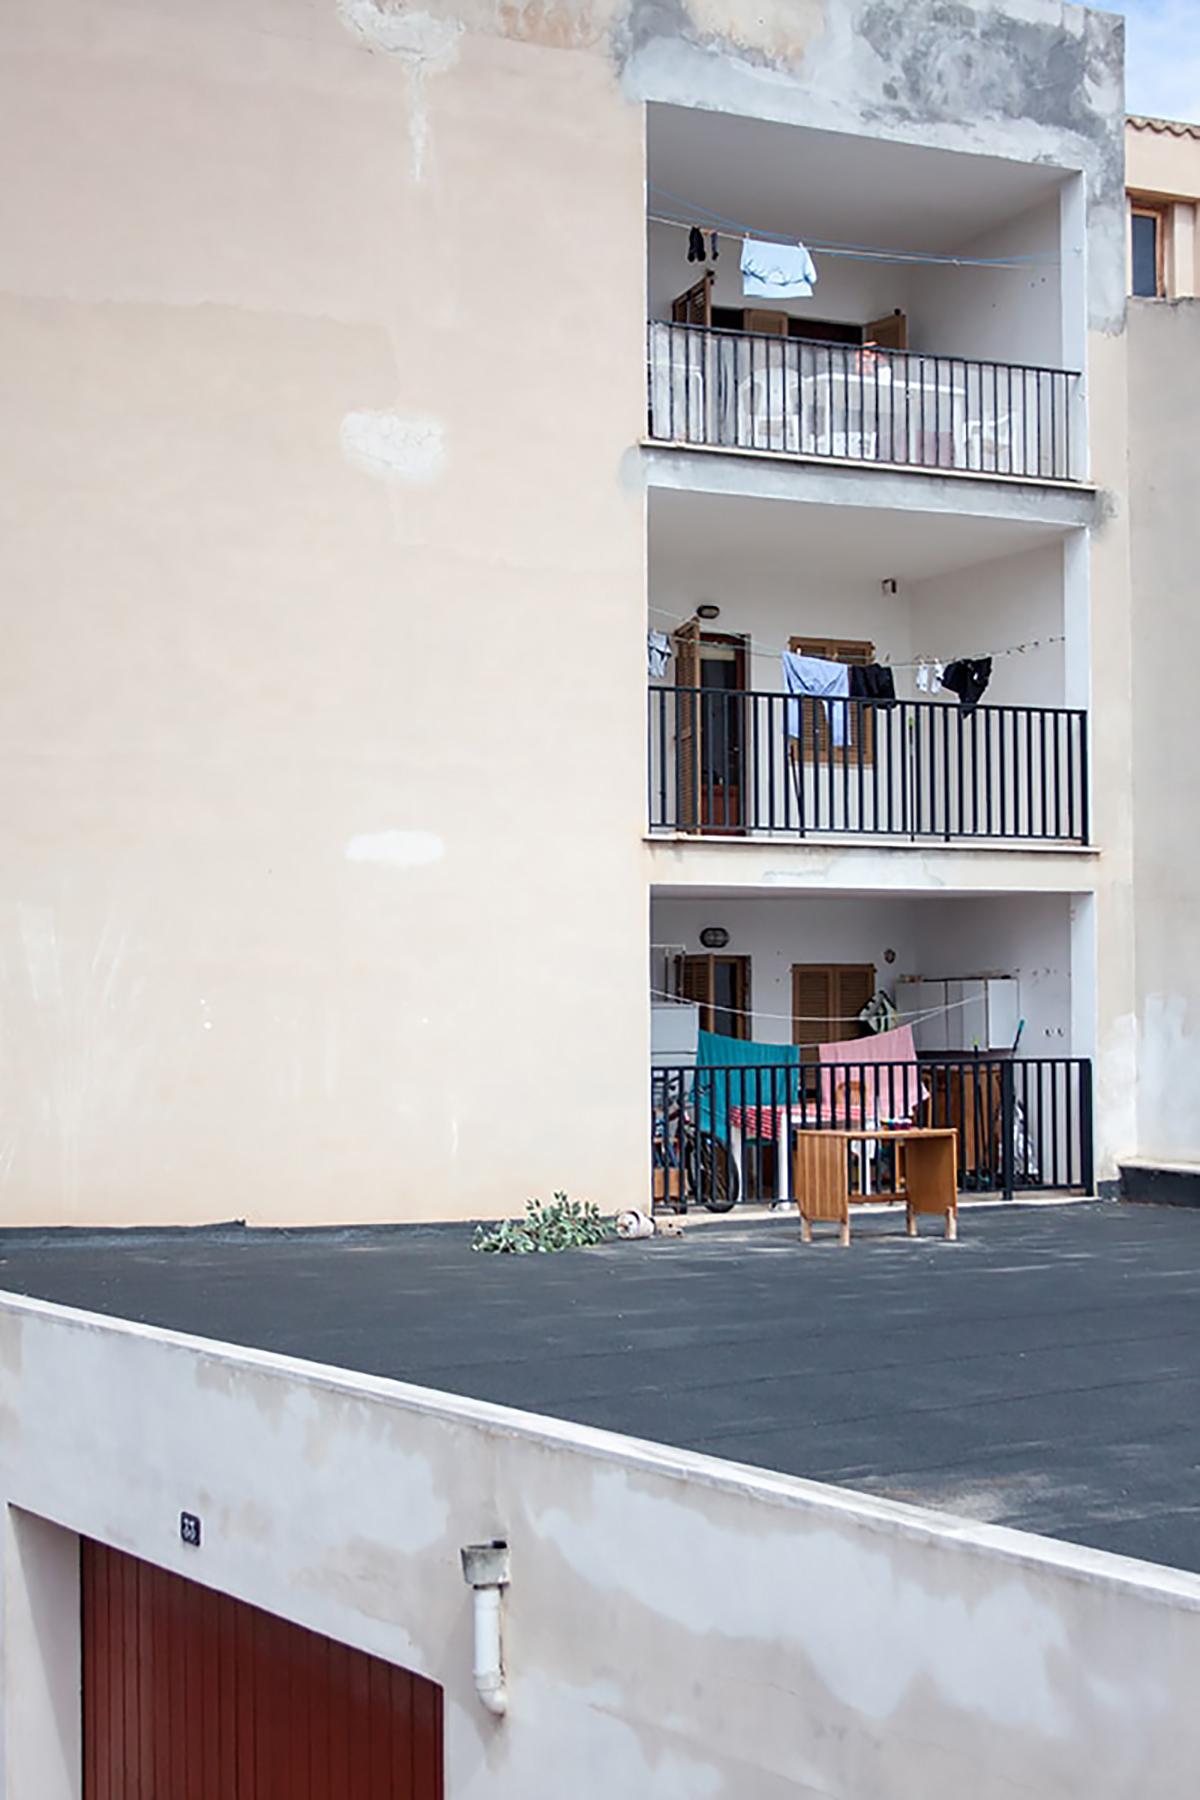 Fotografie. Straßenfotografie. Balkone von einem Haus in einer Altstadt auf Mallorca.